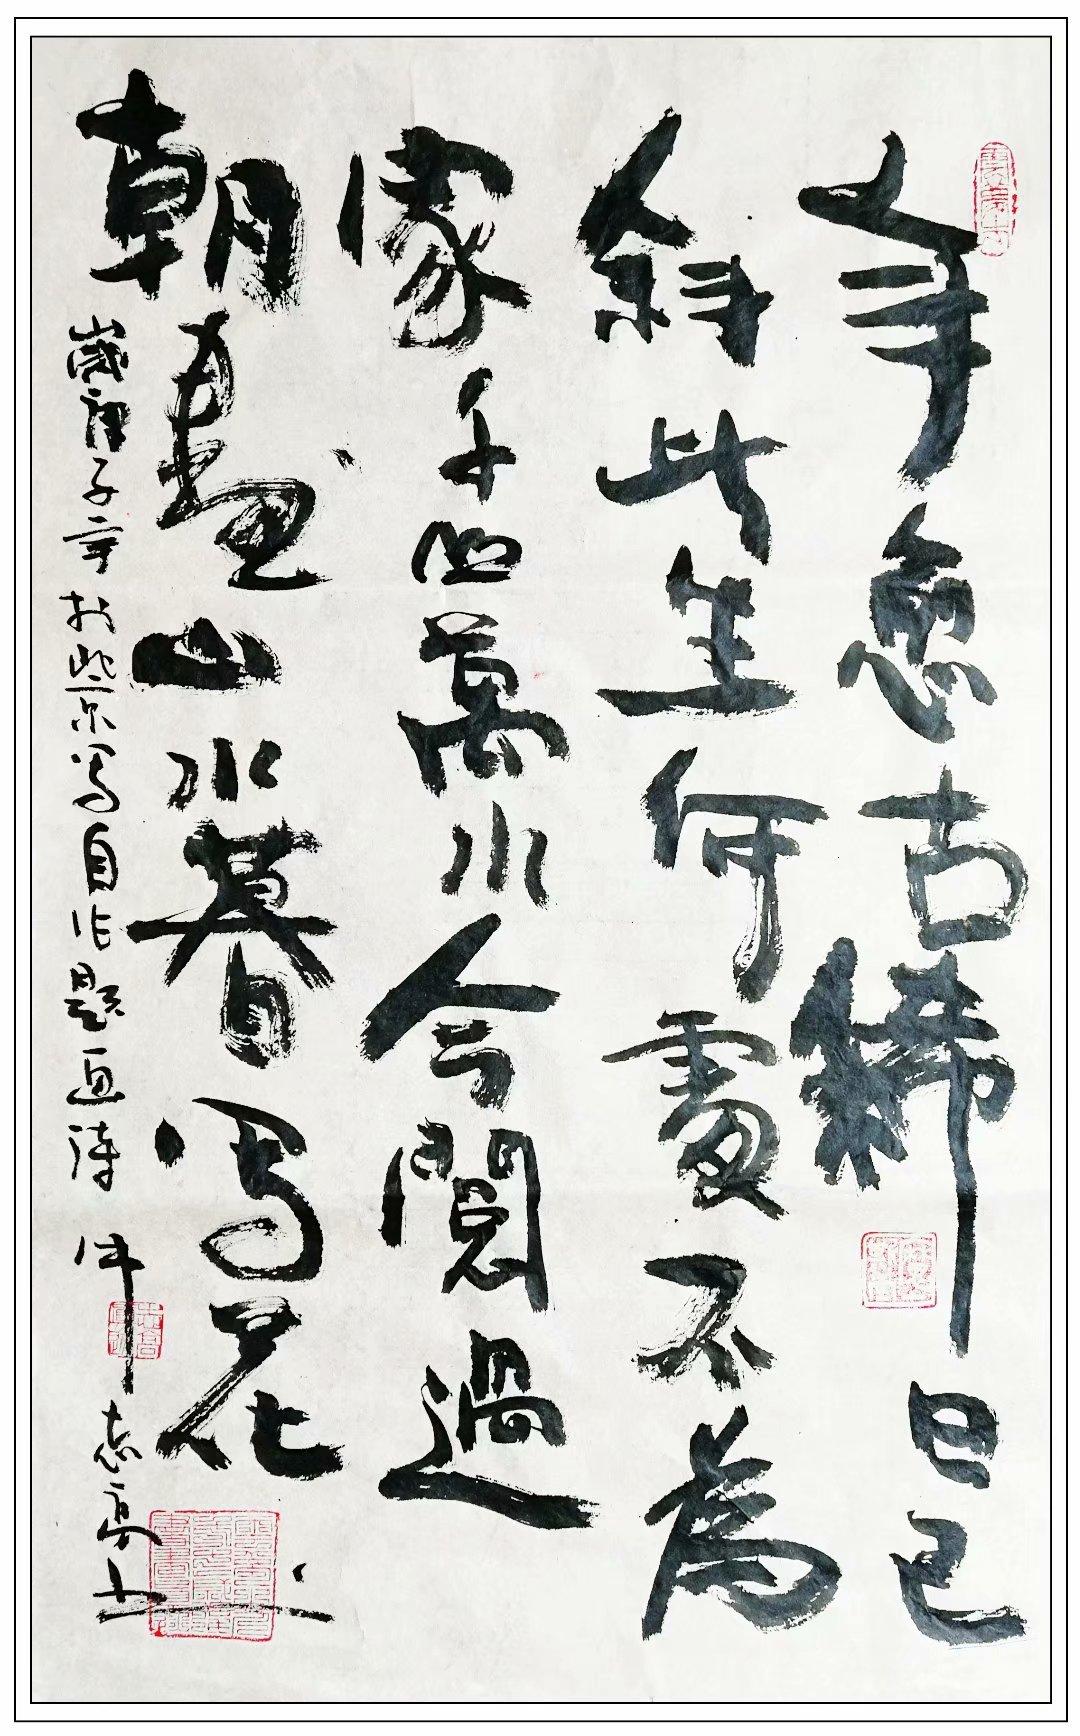 牛志高题画诗2020.06.08_图1-3